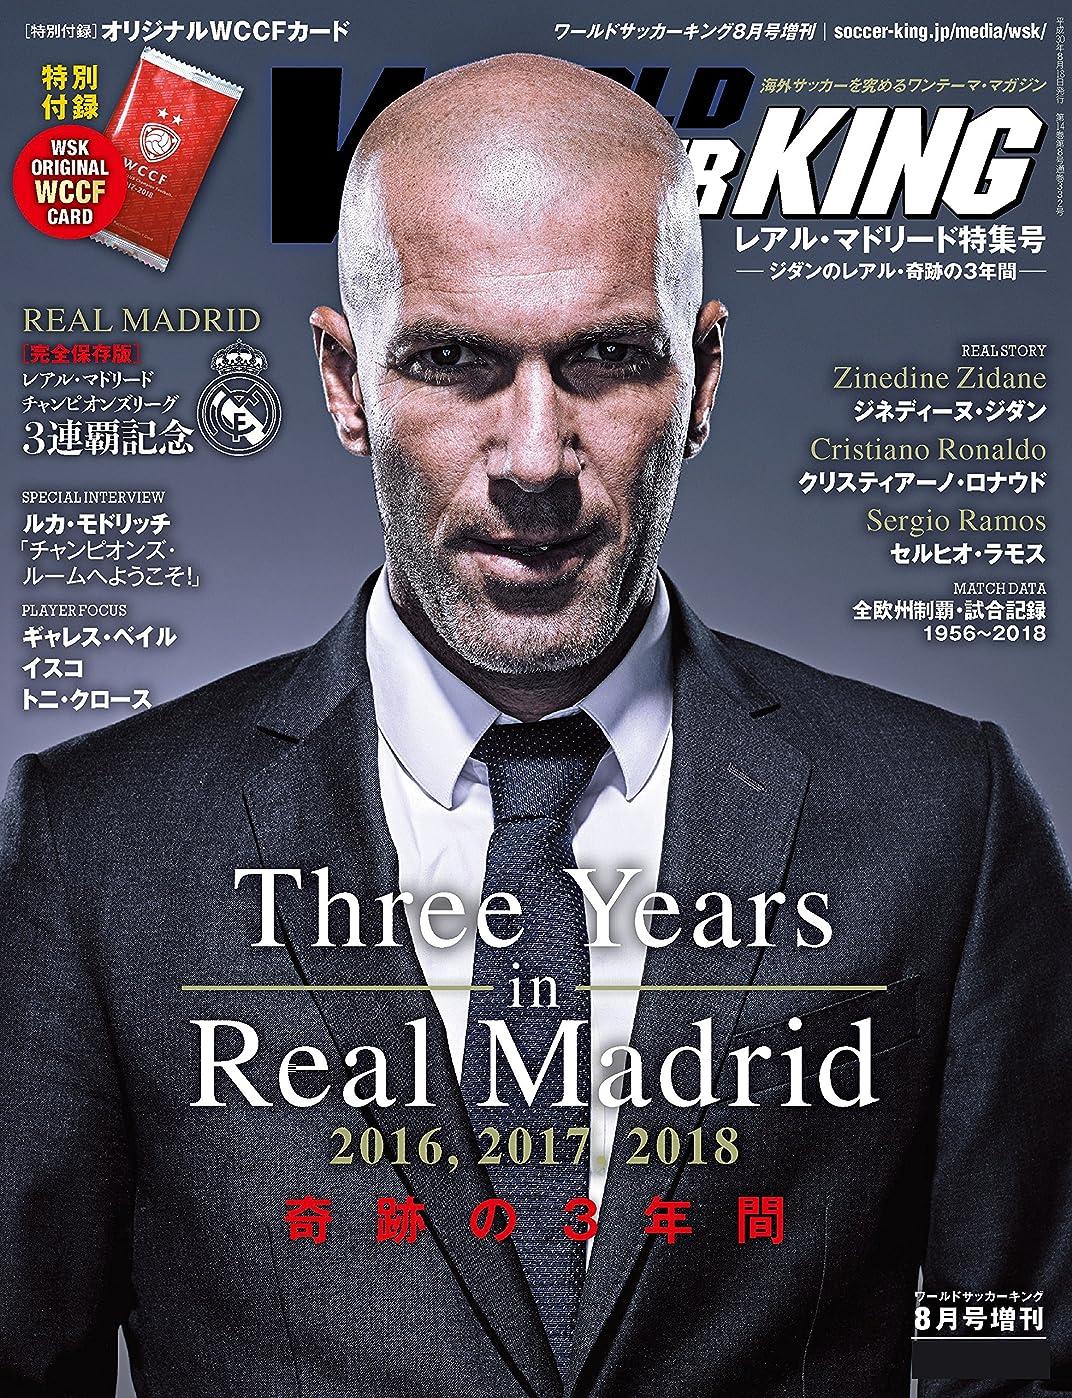 錆び一般化するアーサーワールドサッカーキング 2018年 08月号 [雑誌] ワールドサッカーキング増刊